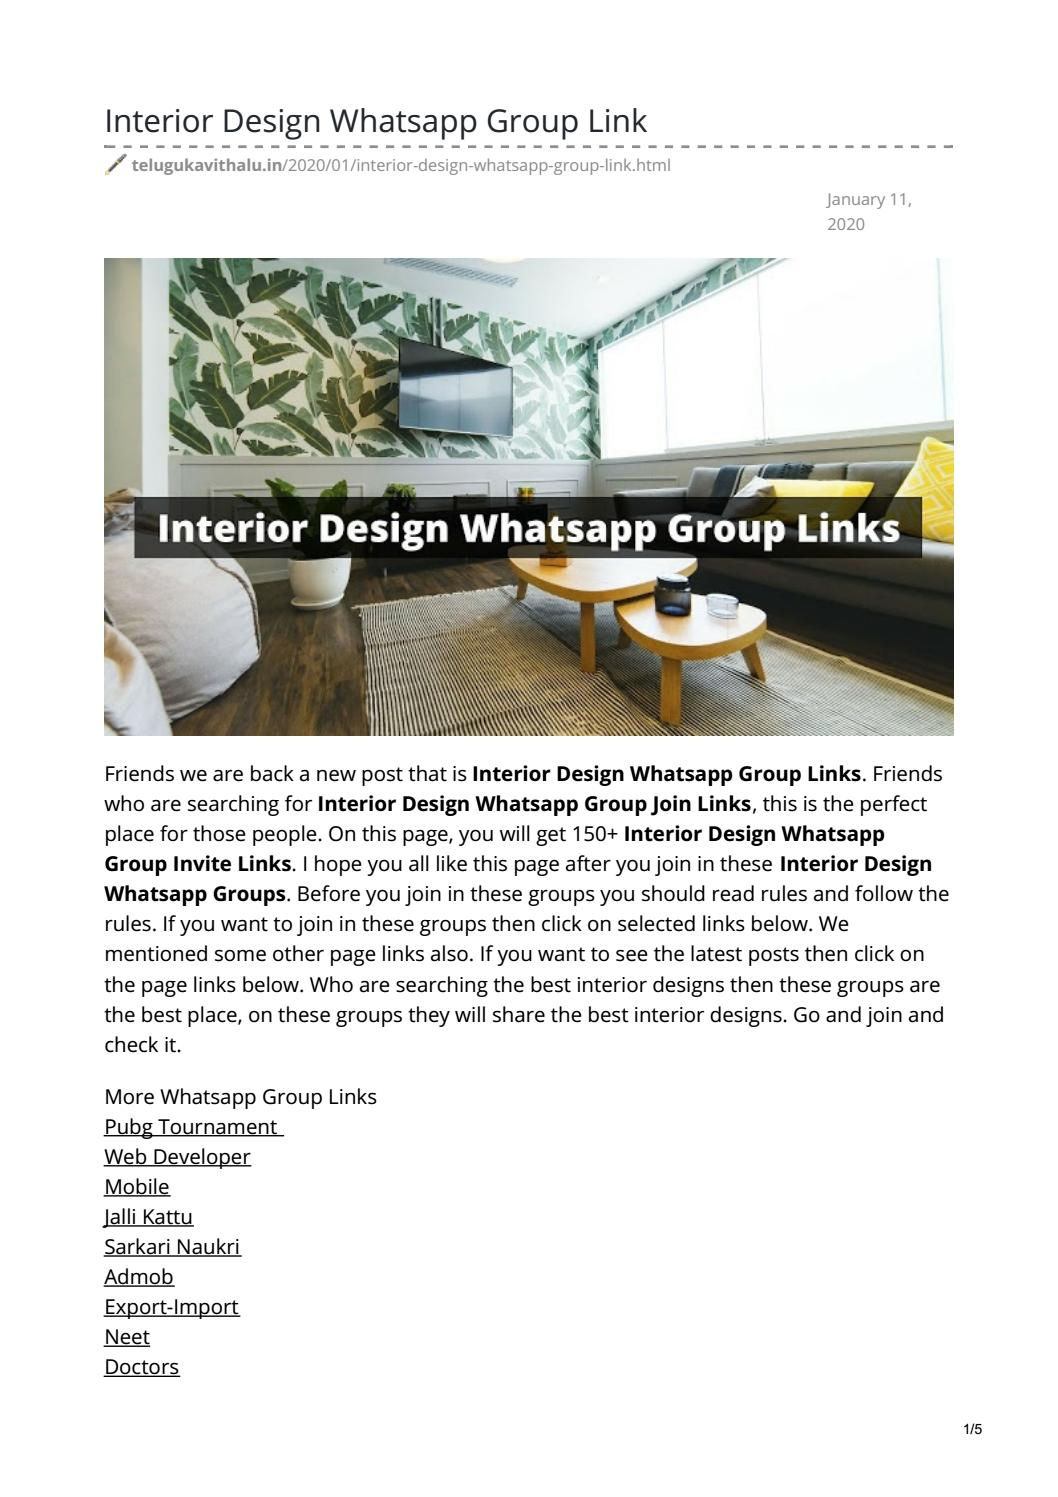 Interior Design Whatsapp Group Link By Telugukavithalu Issuu